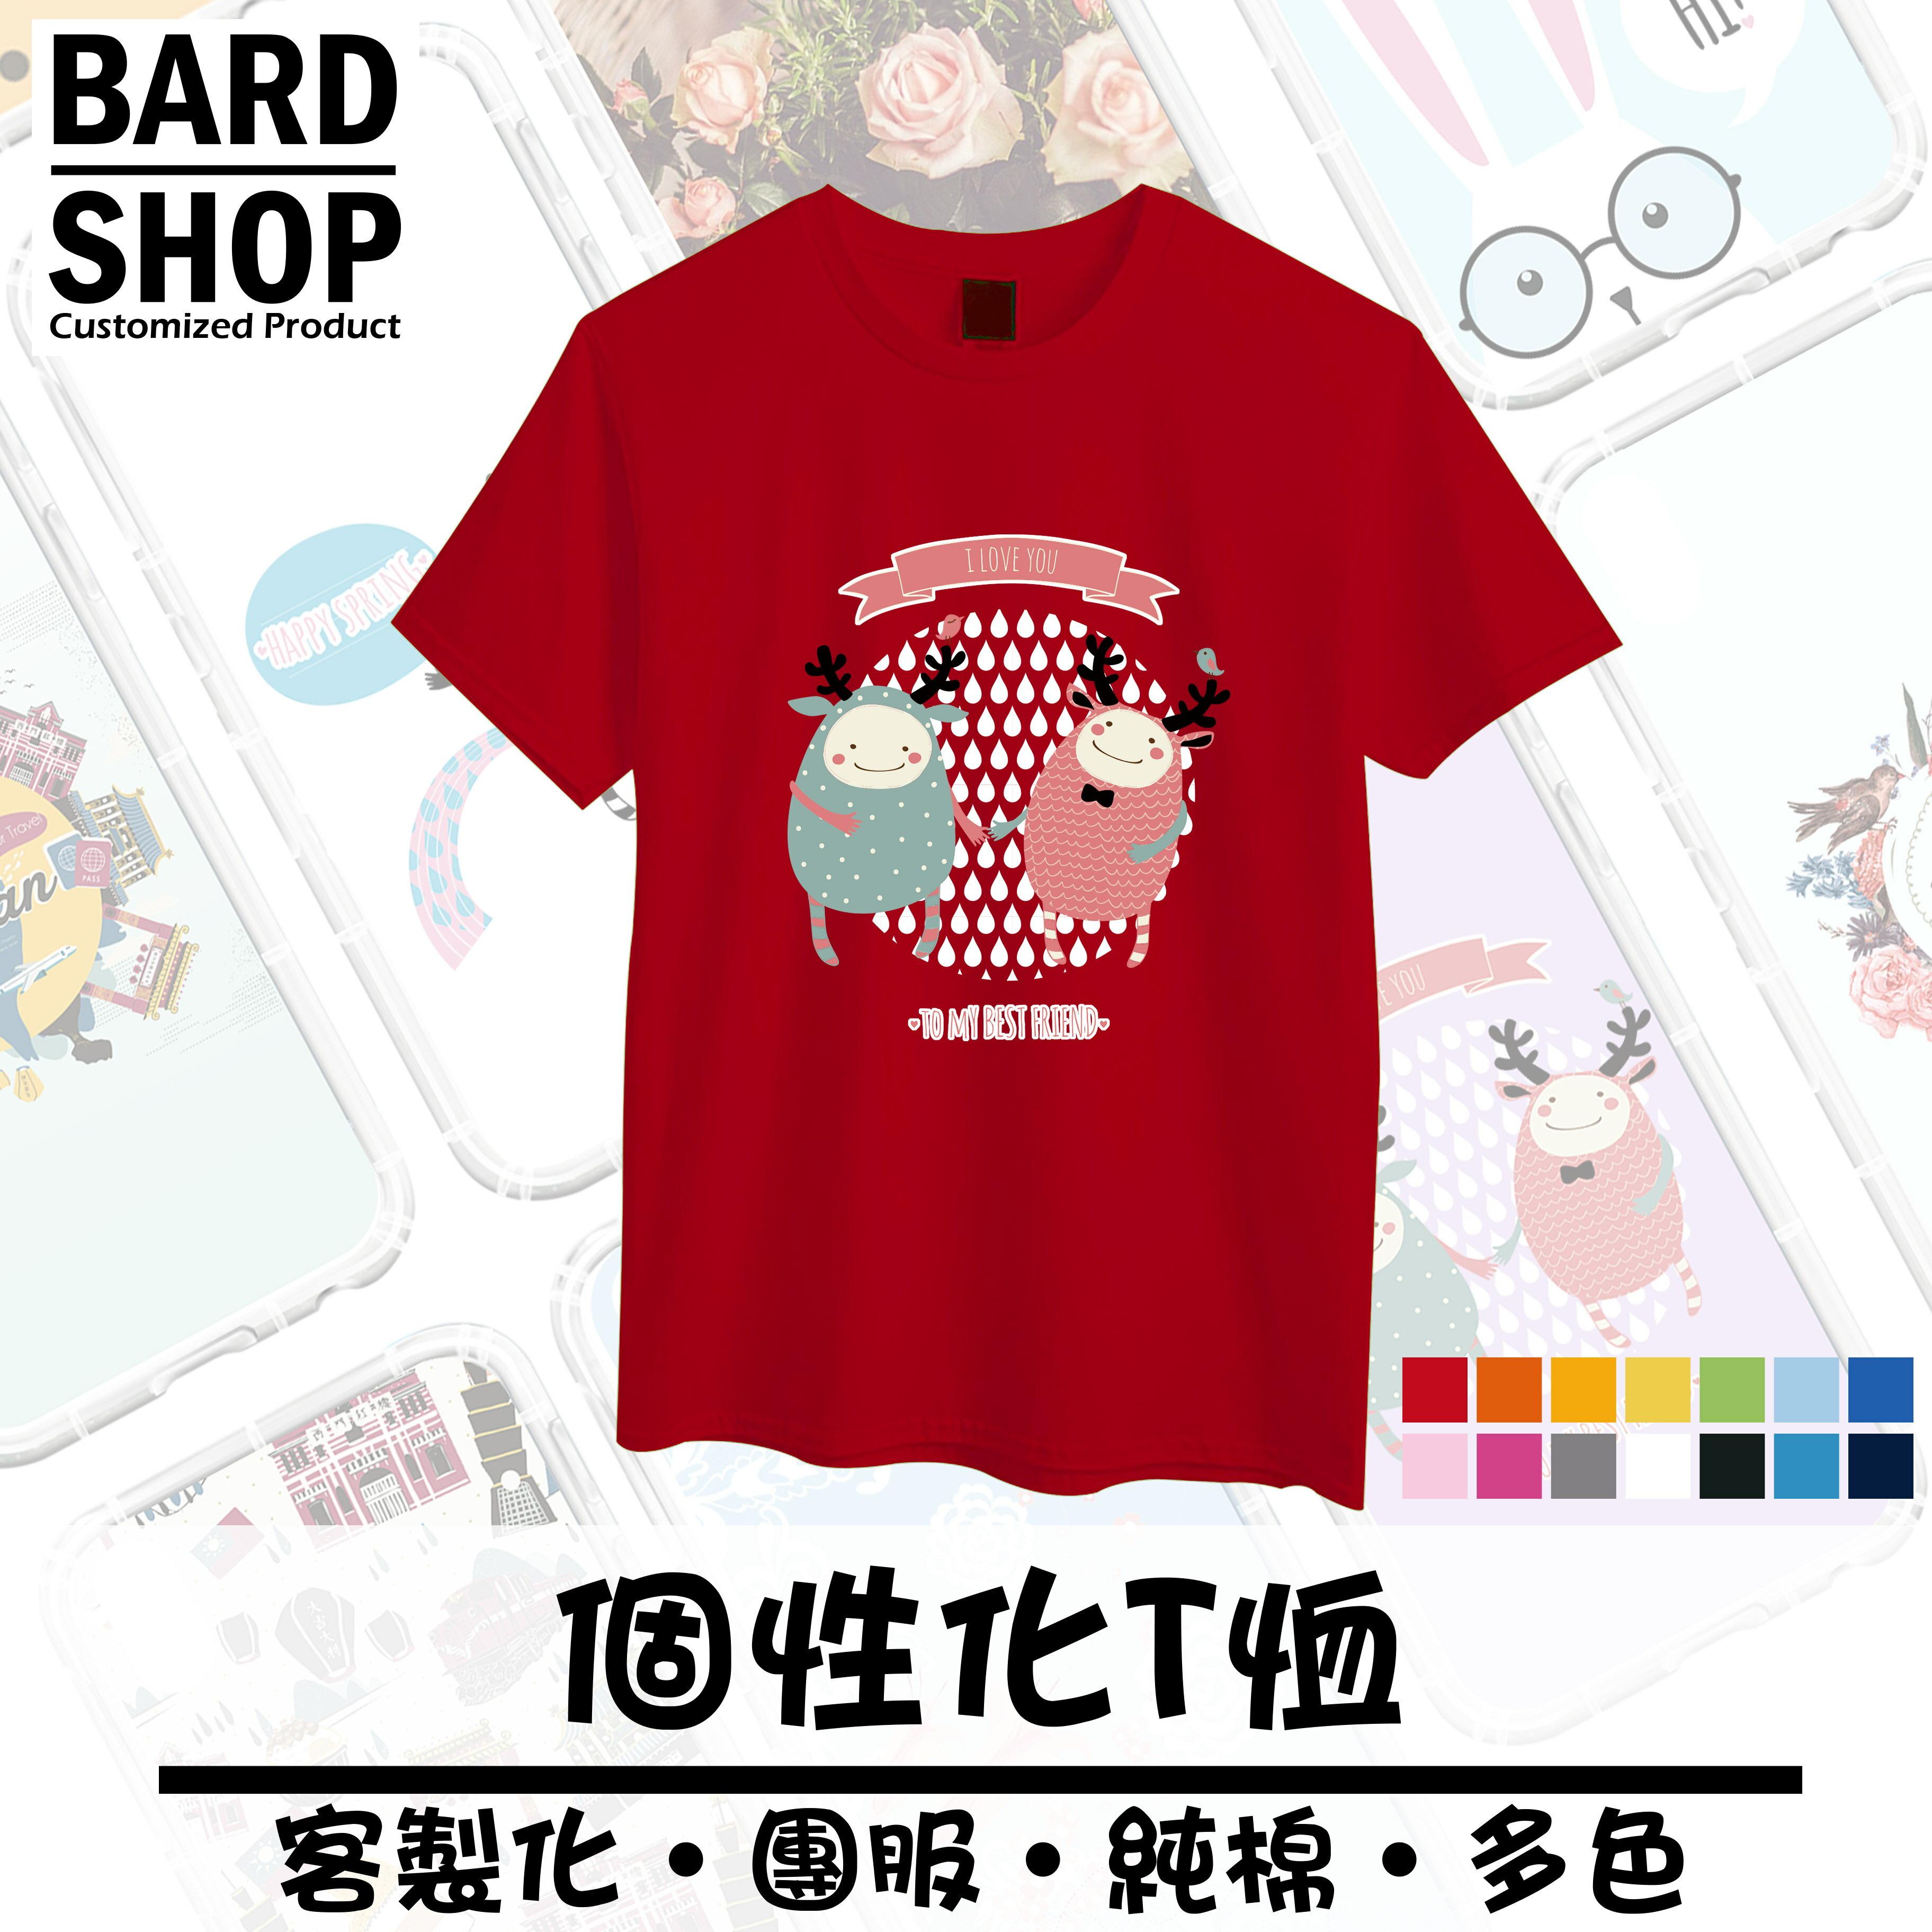 【客製圖案】✨文字系列✨ 自己的文字T恤自己做-色T!100%純棉T素材!一件也可以做!多件另有優惠!歡迎團體訂做! 2